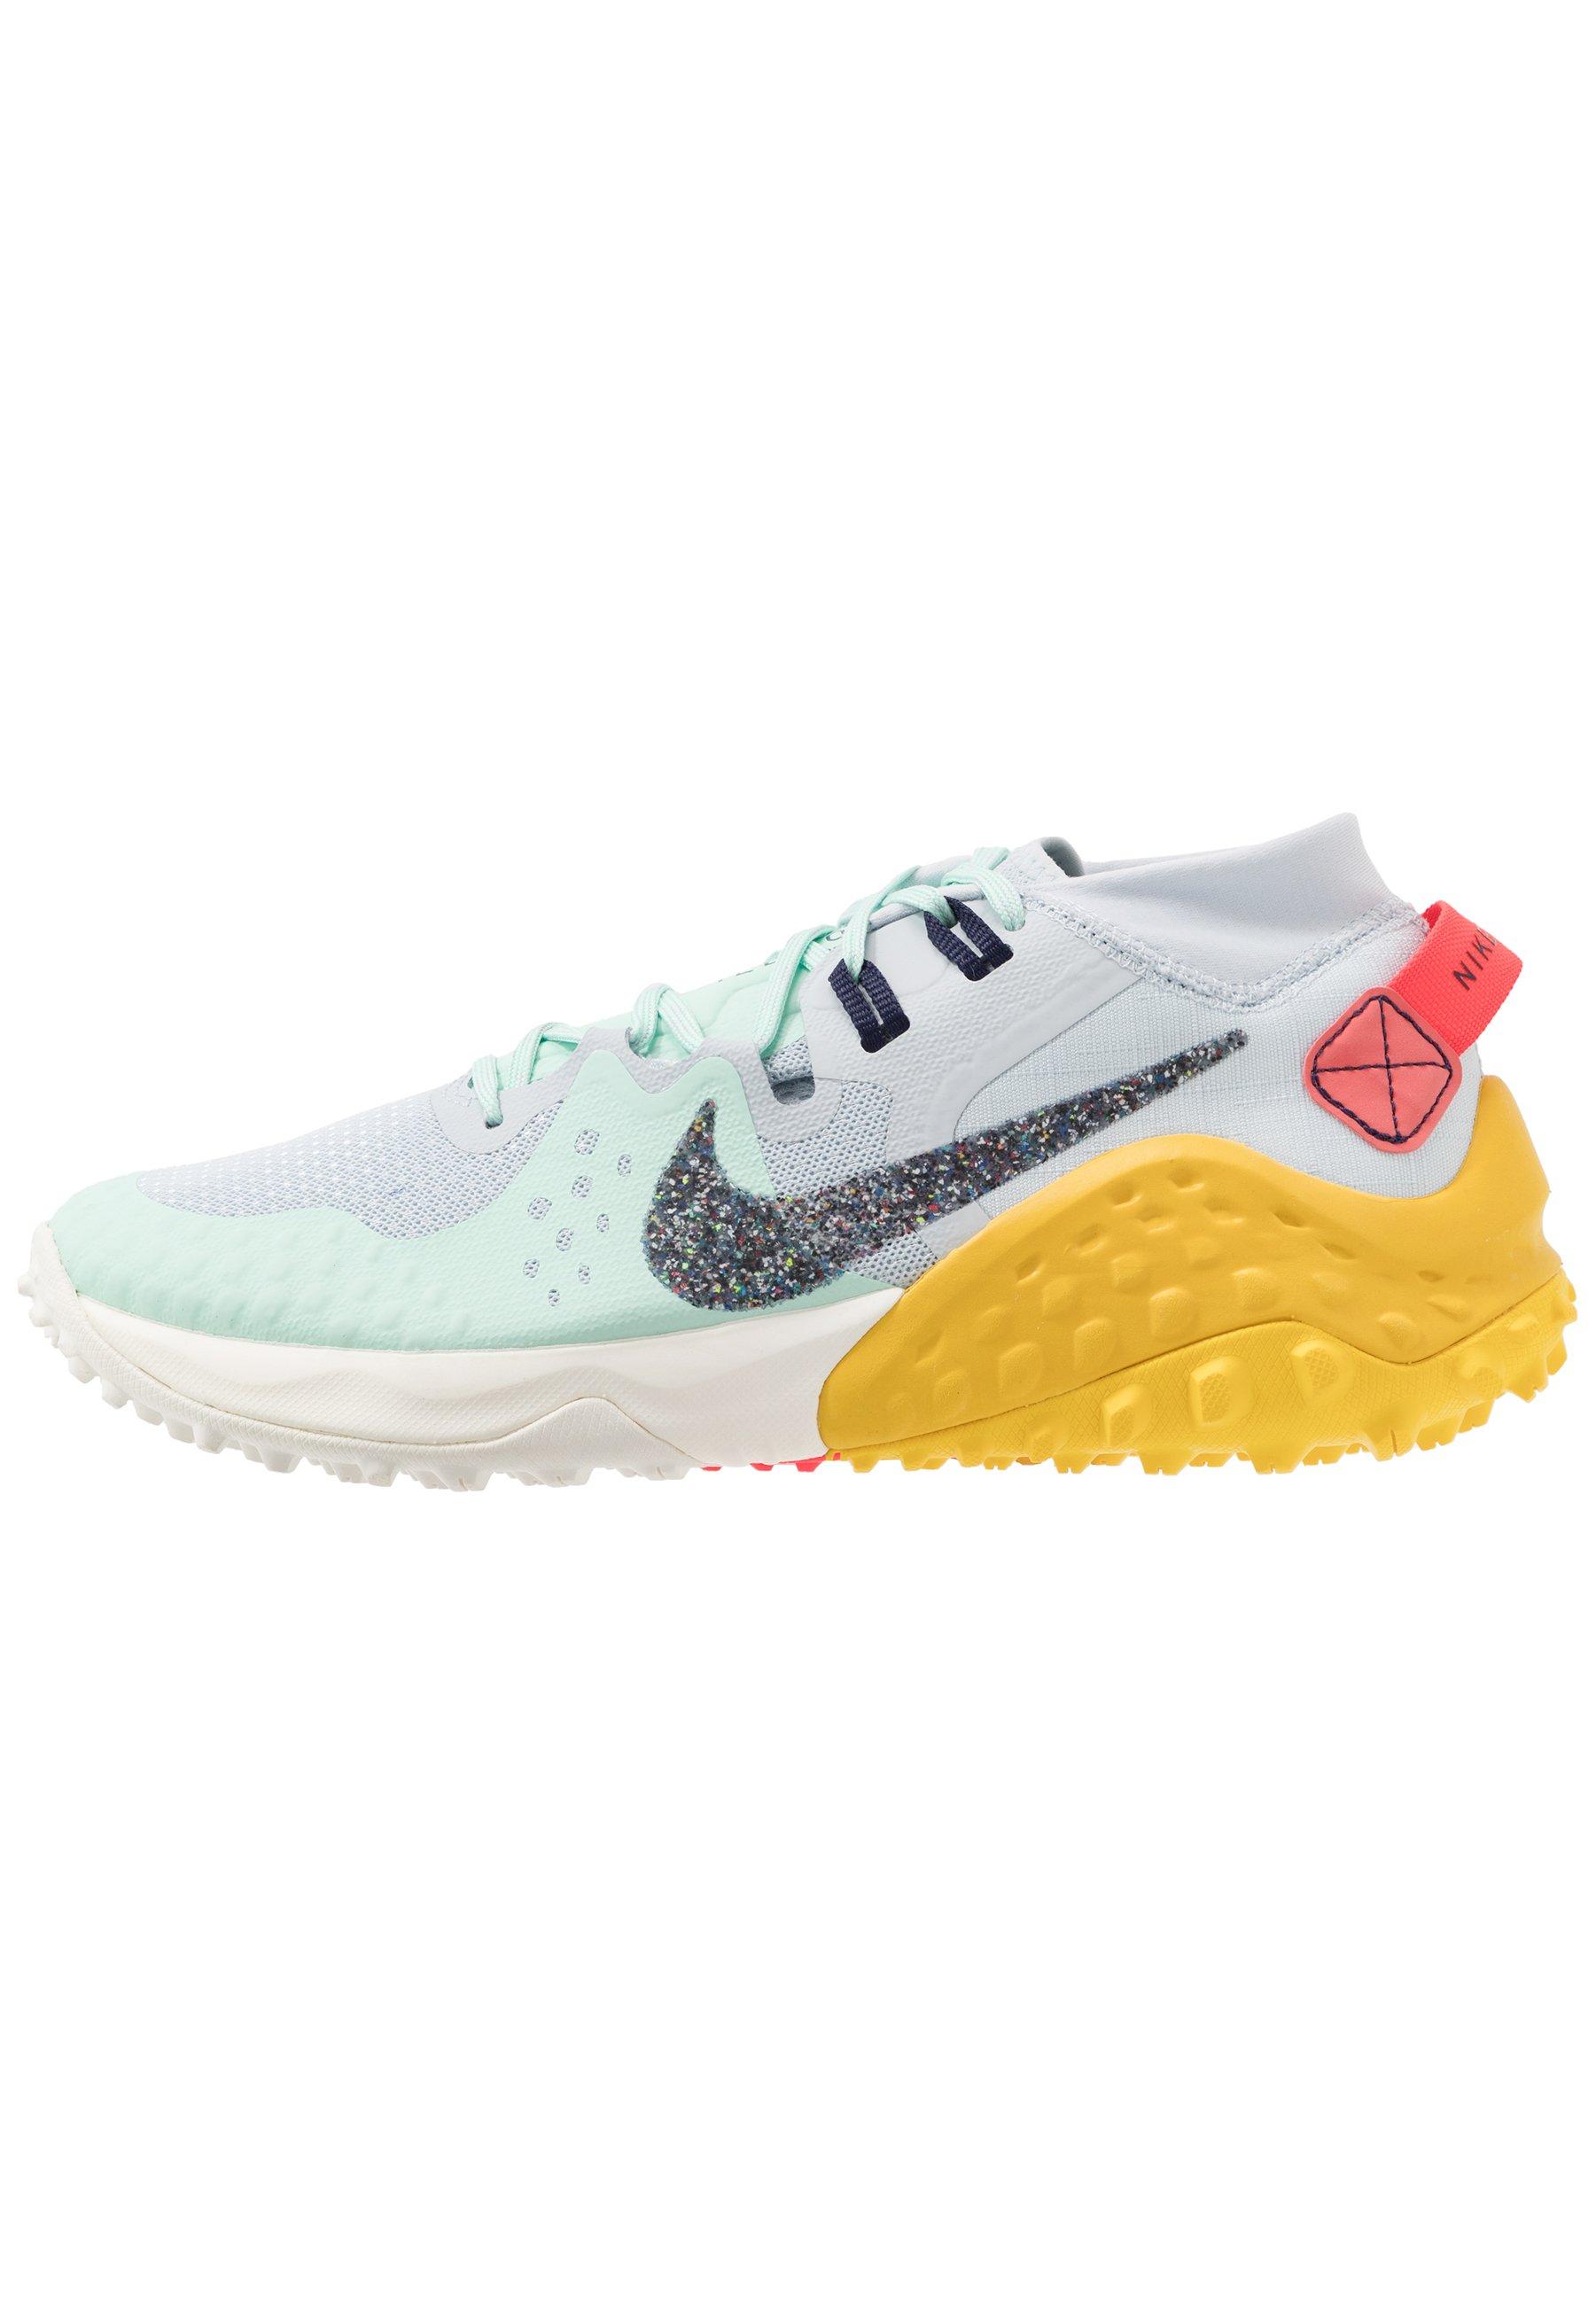 WILDHORSE 6 Chaussures de running aurablackened bluemintspeed yellowlaser crimsonsail